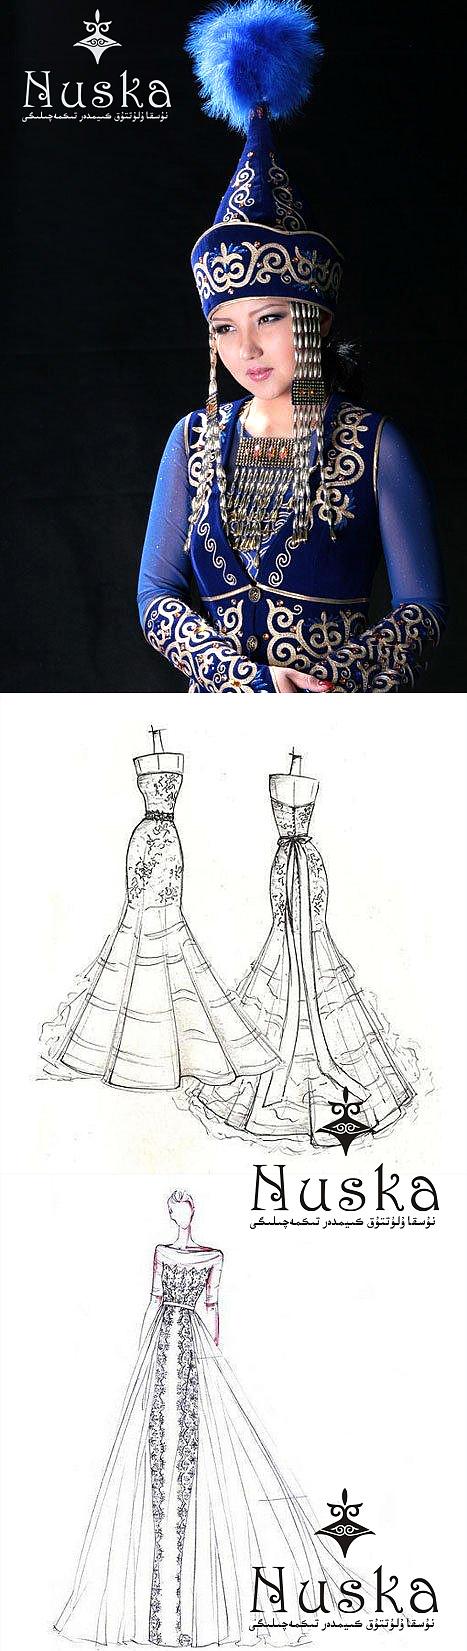 柯尔克孜族服装自古以来具有独特风格.图片